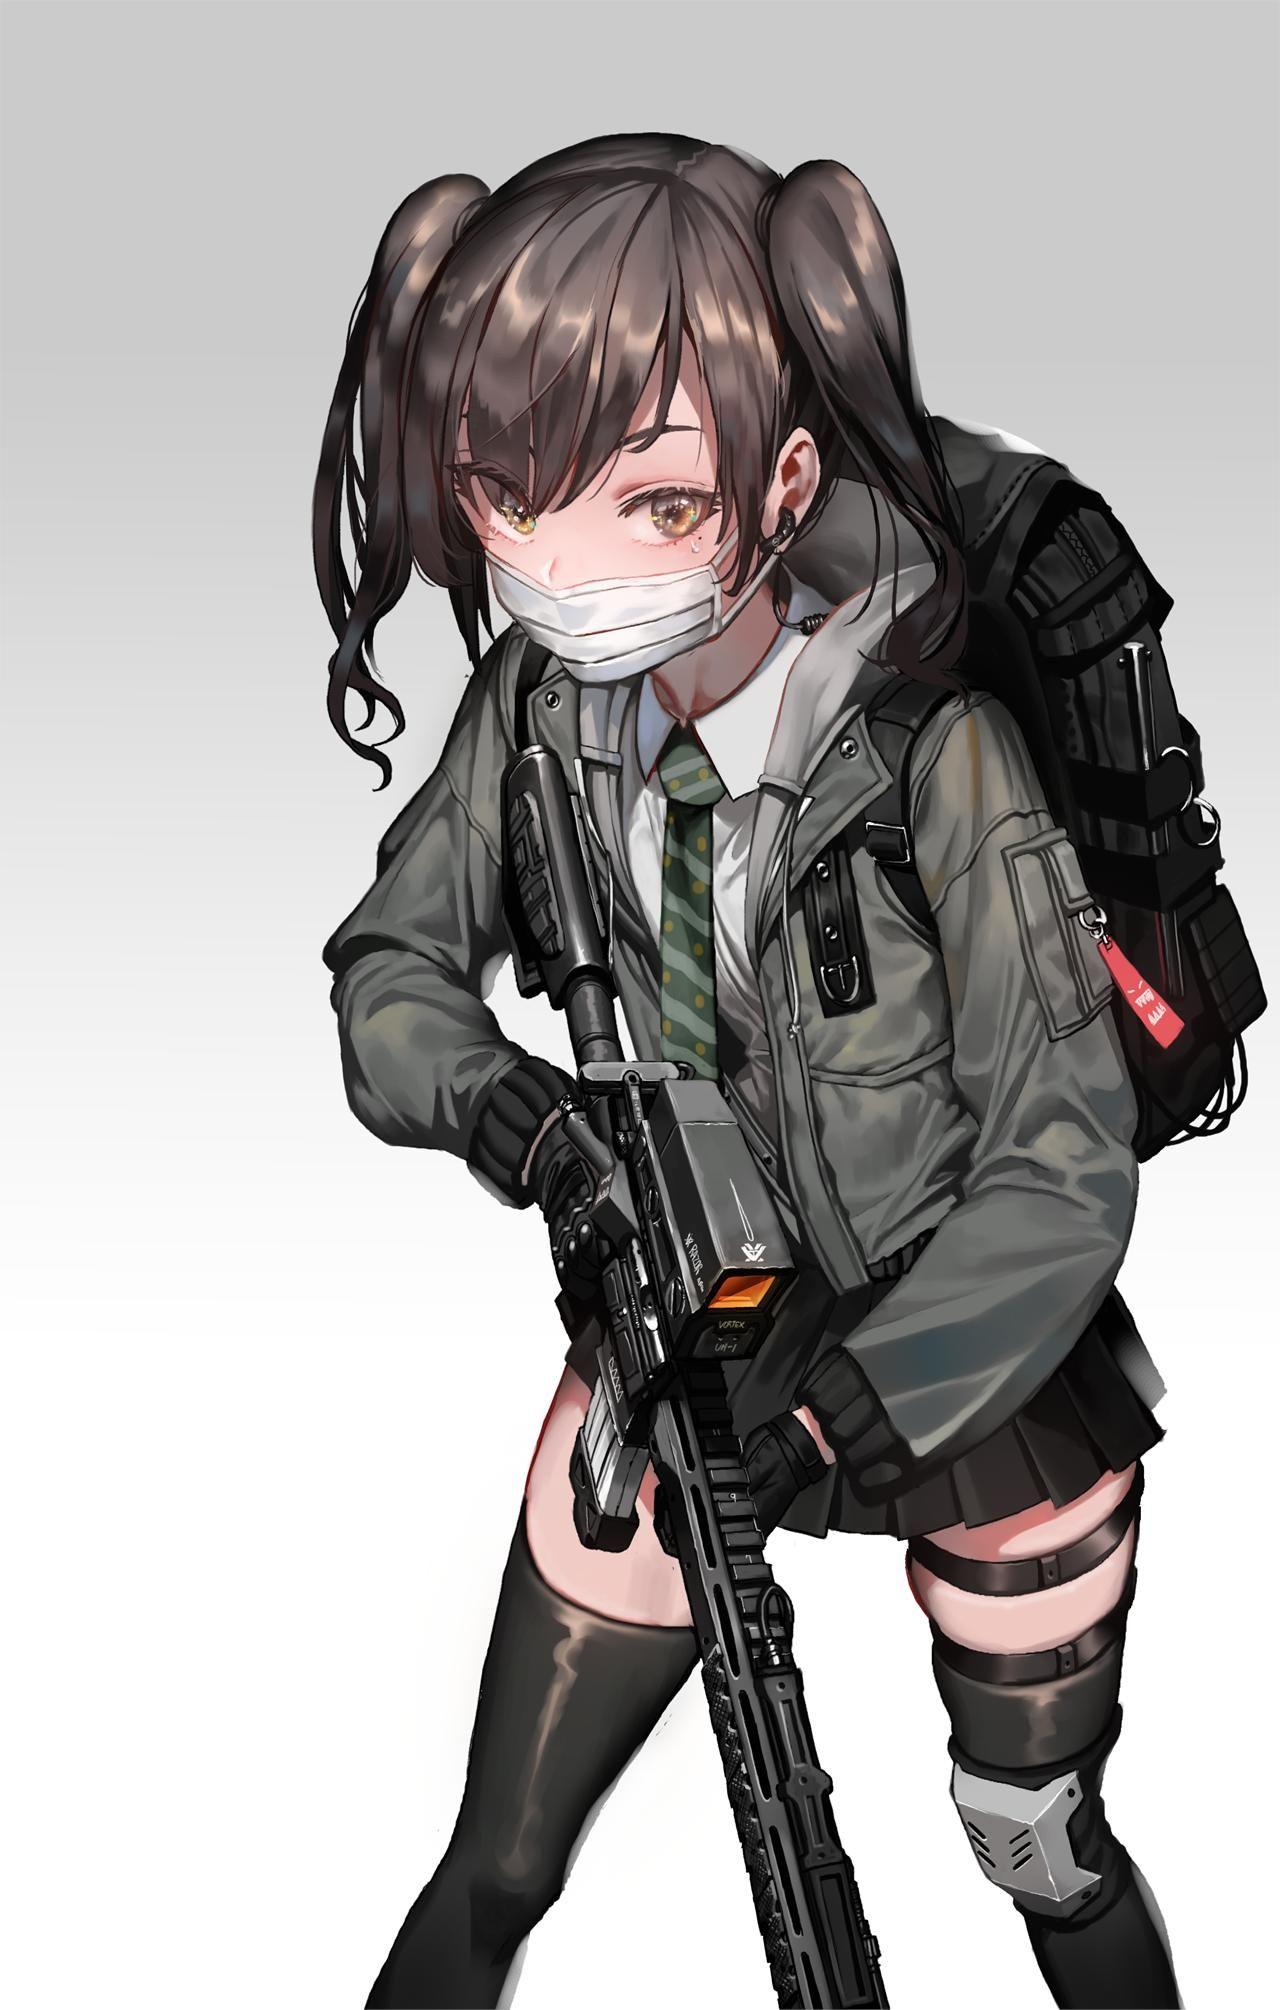 일호붓 on in 2020 Kawaii neko girl, Anime warrior, Anime